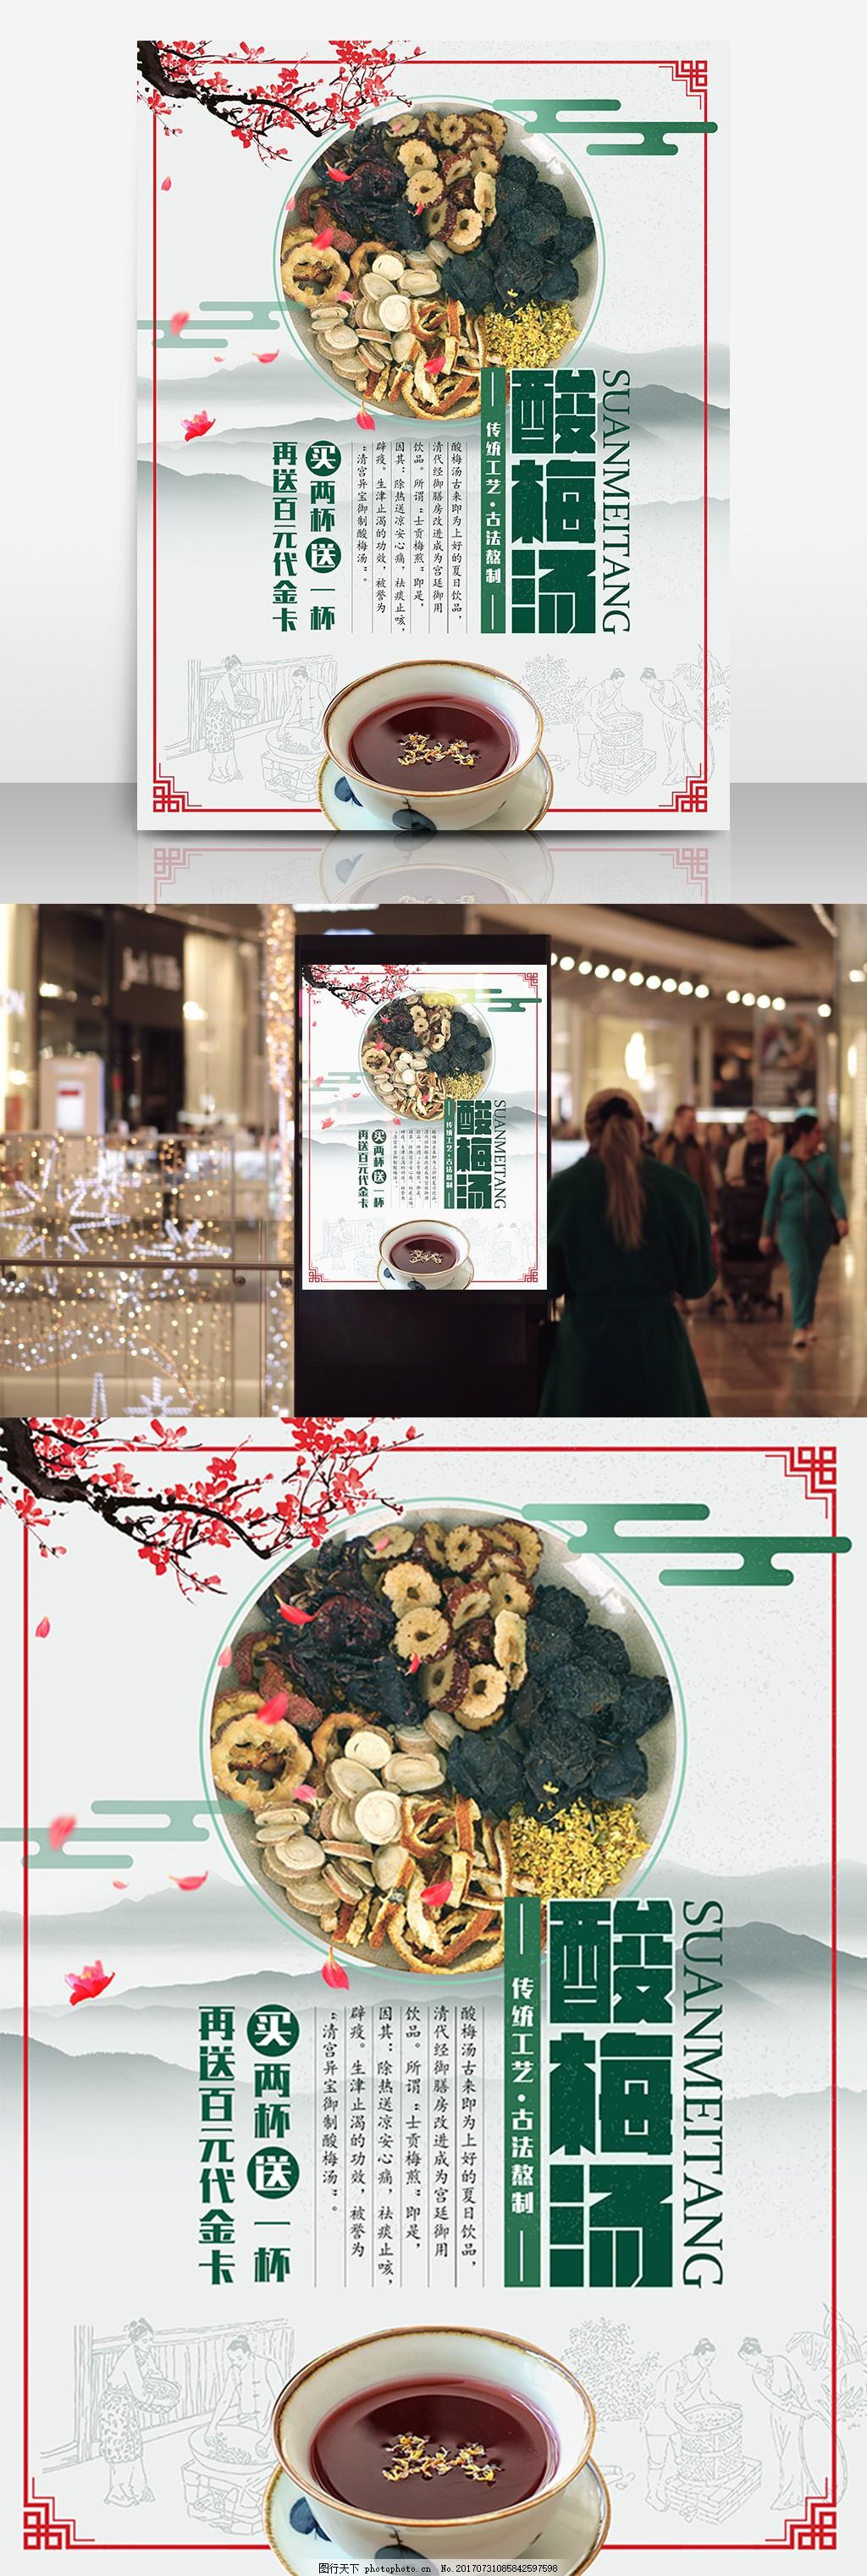 中国风酸梅汤夏日促销海报 水墨 饮品 饮料 美食 展板